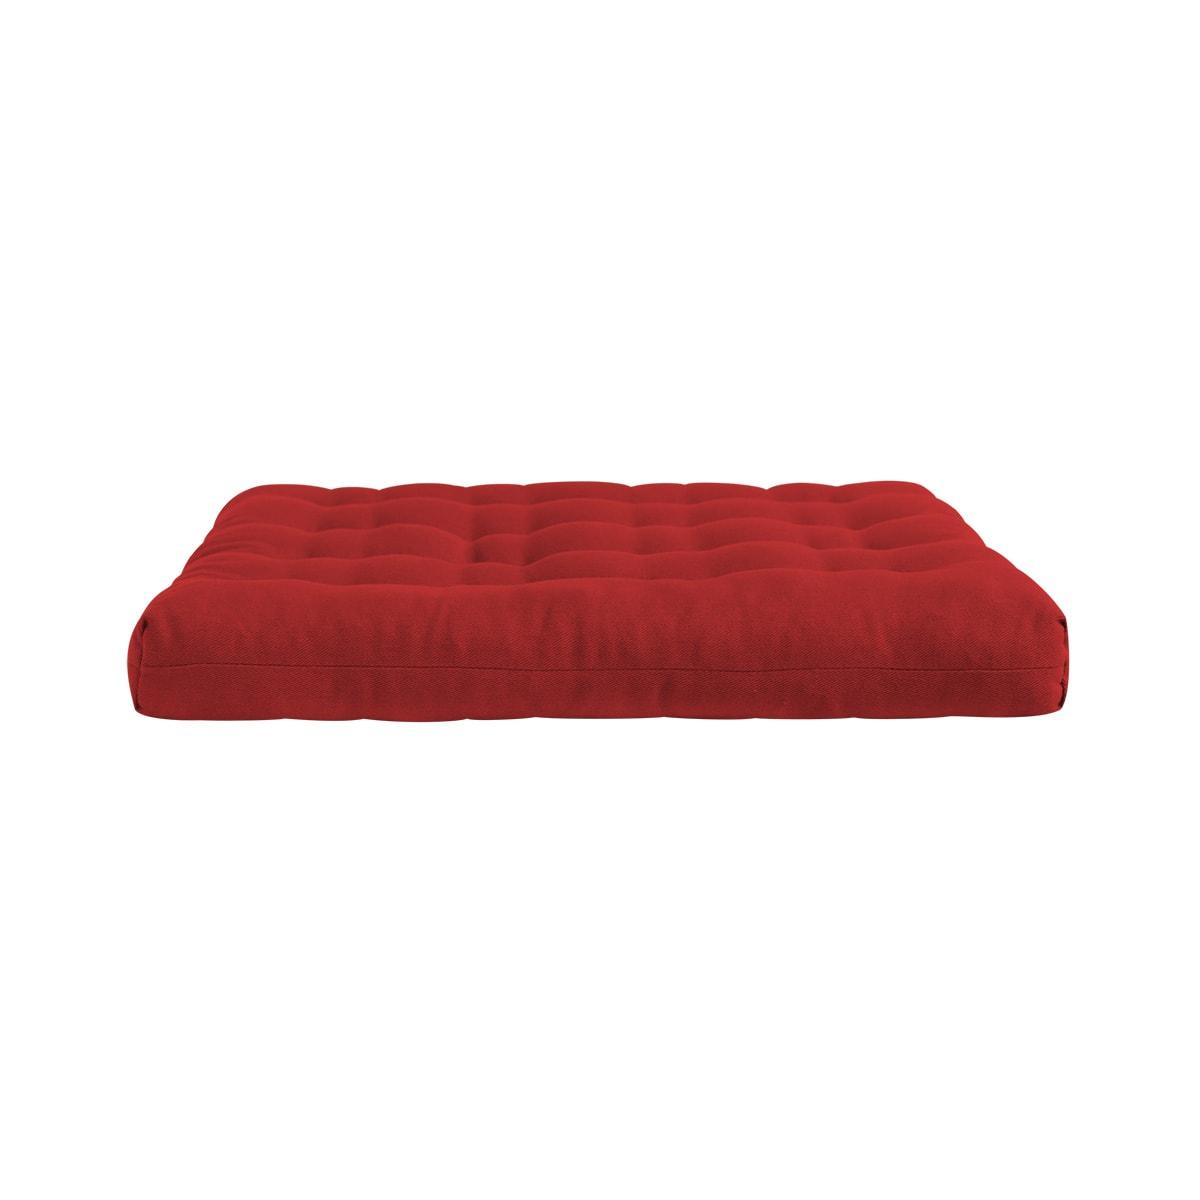 almofada almofada futon para cadeira 16.jpg #410B0B 1200x1200